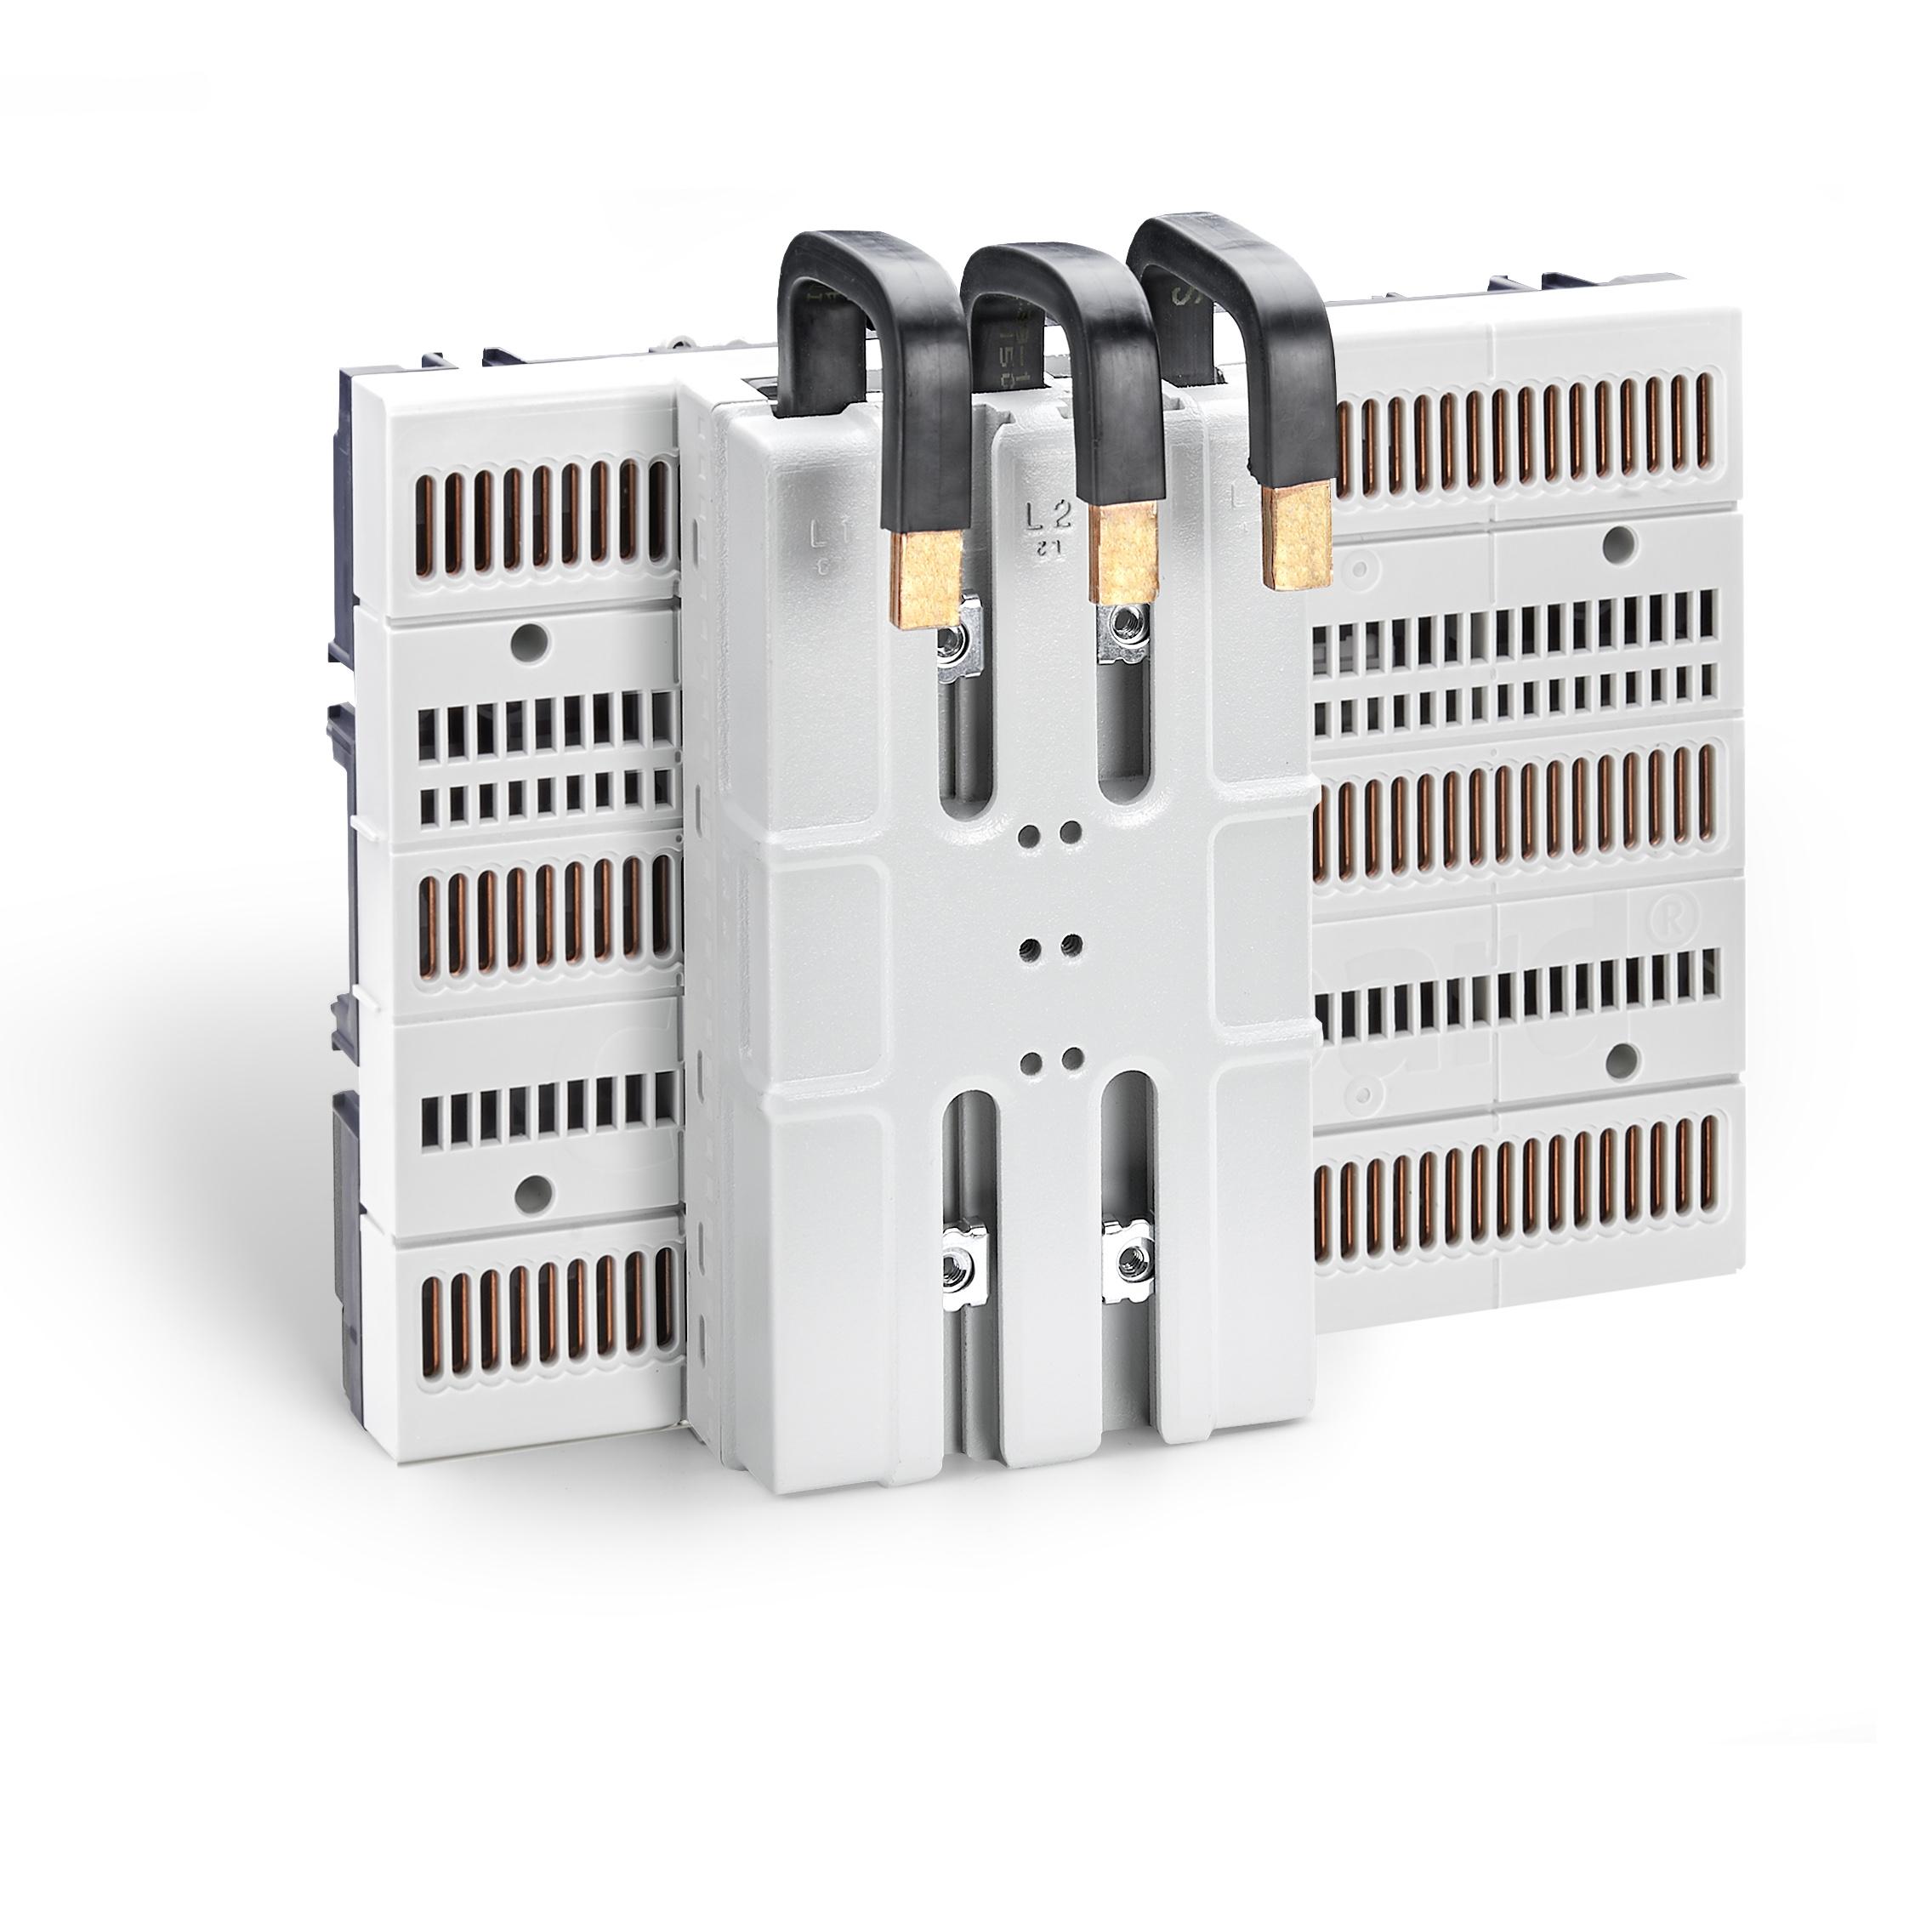 Eques CrossBoard, 3-polig, 90mm breit (Bild: Wöhner GmbH & Co. KG Elektrotechnische Systeme)